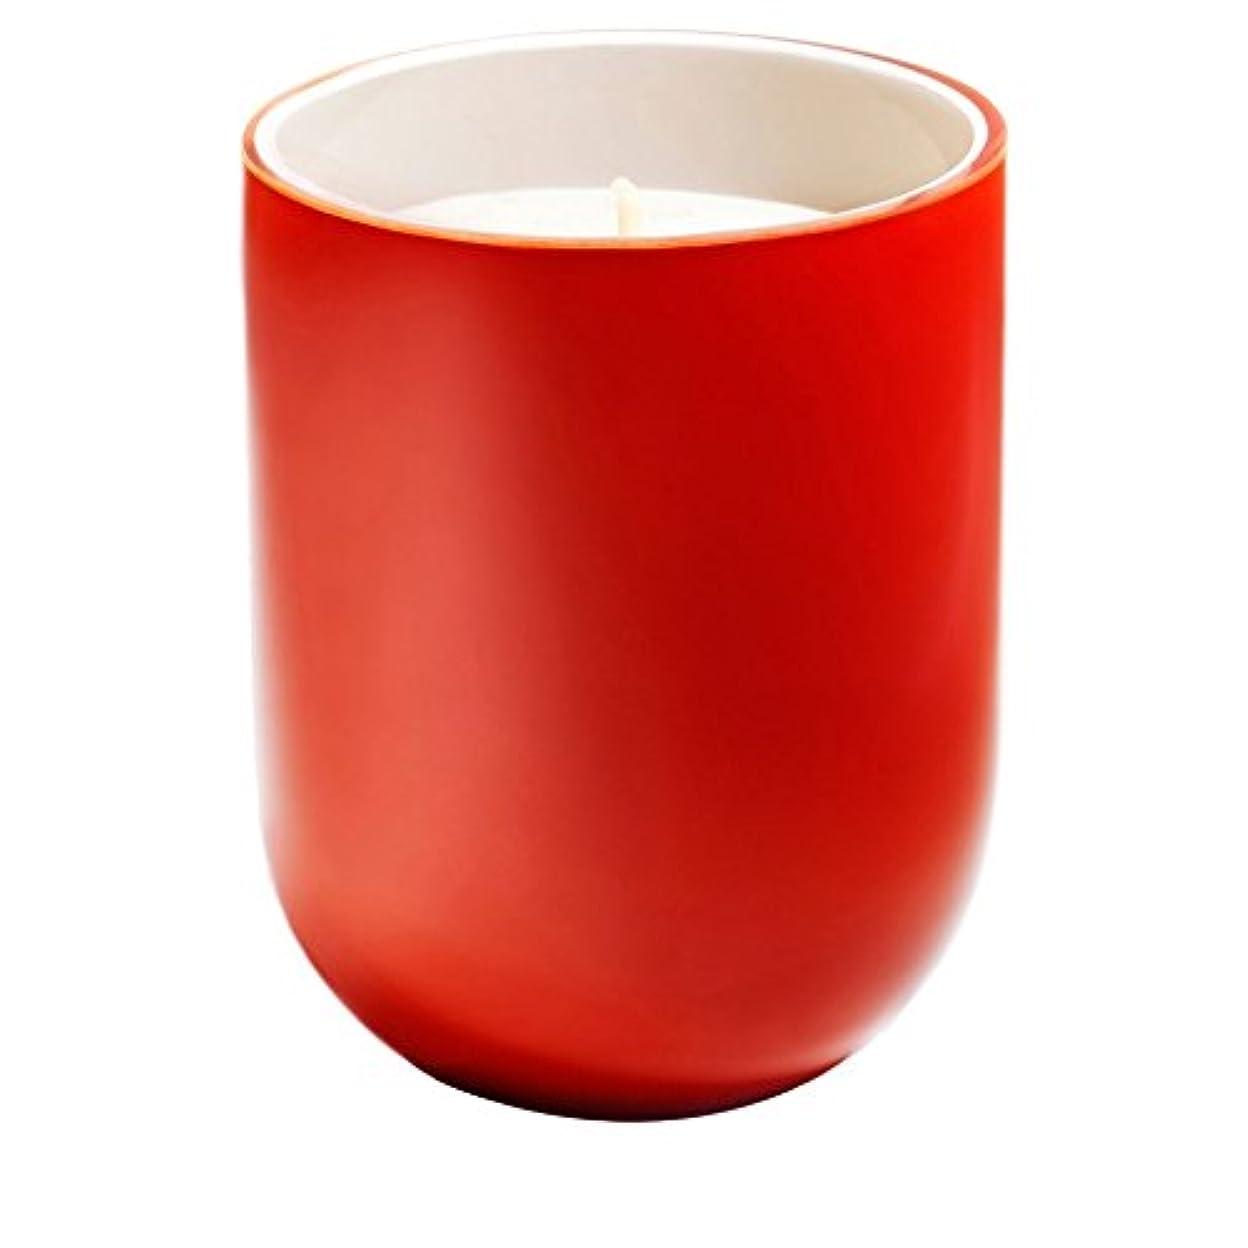 歌詞たくさんバナーフレデリック?マルロシアの夜香りのキャンドル x6 - Frederic Malle Russian Night Scented Candle (Pack of 6) [並行輸入品]